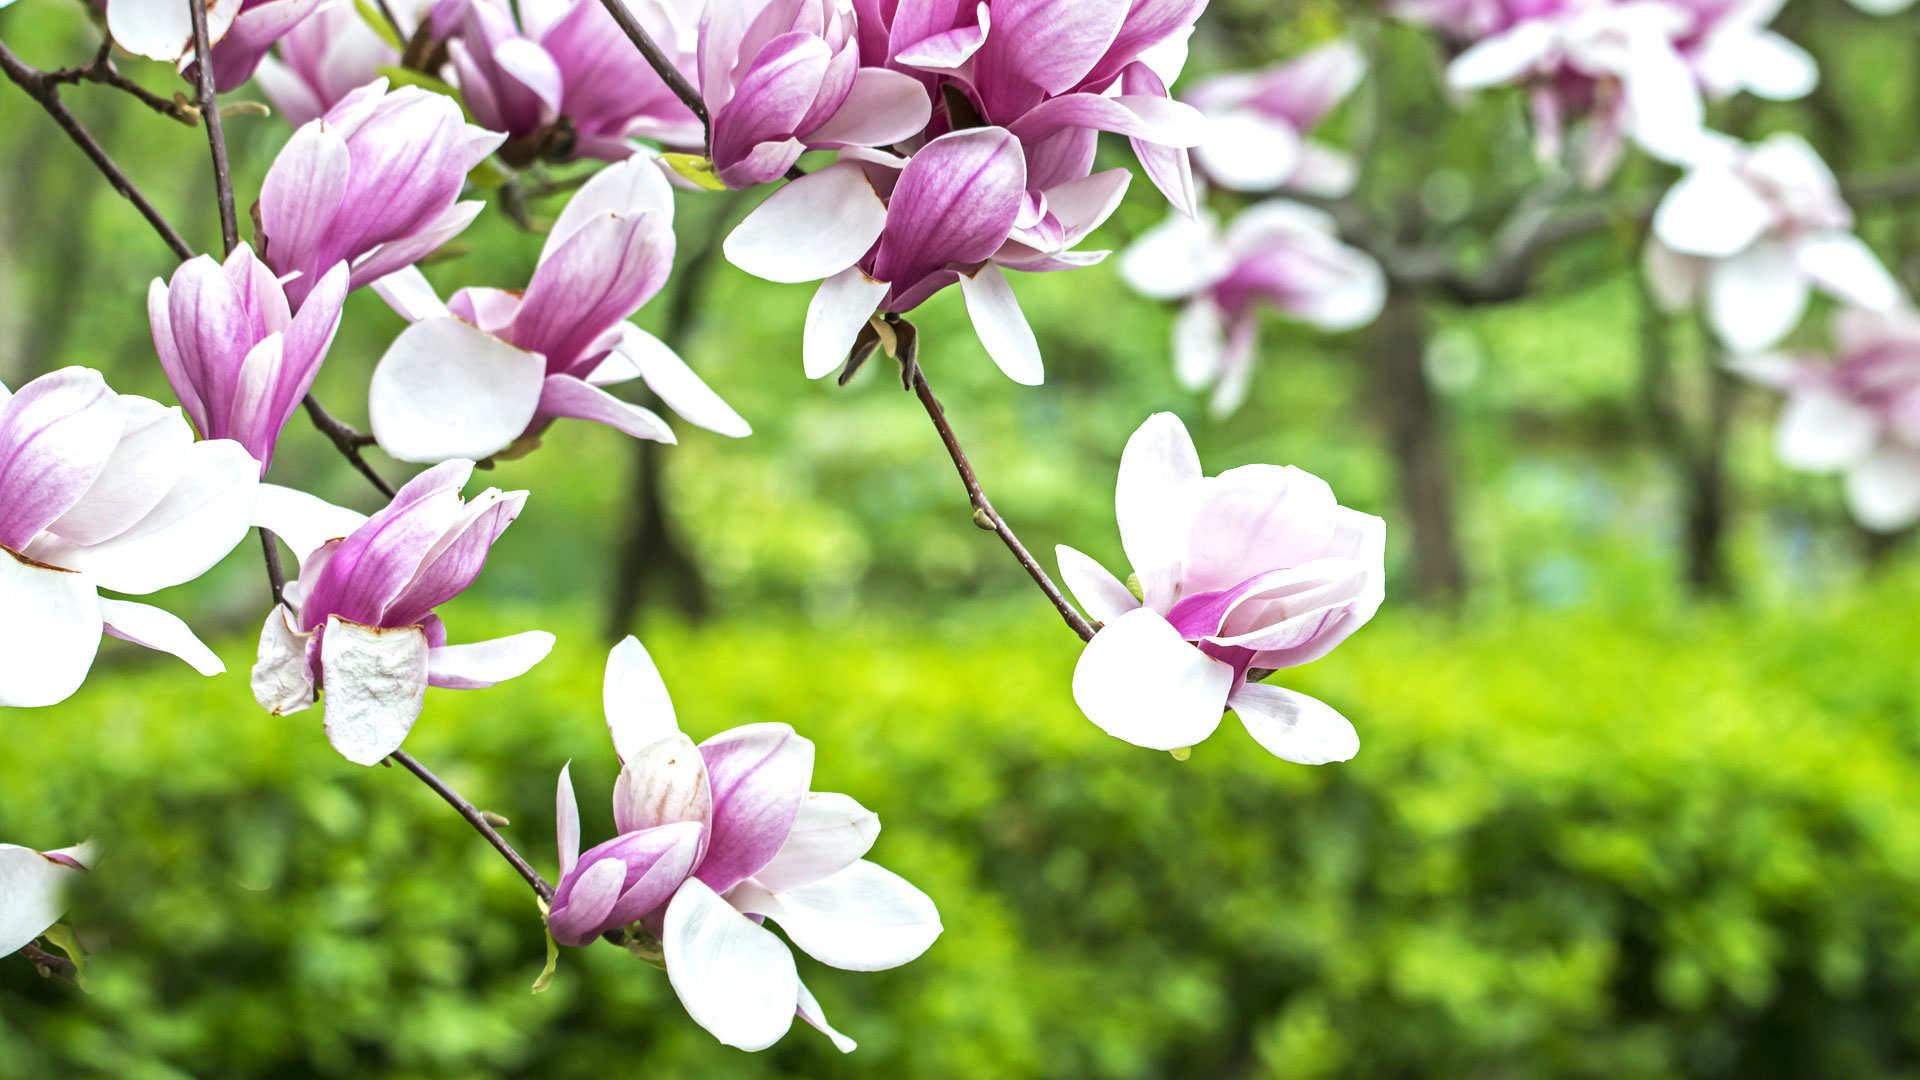 De magnolia voeden voor een weelde aan bloemen